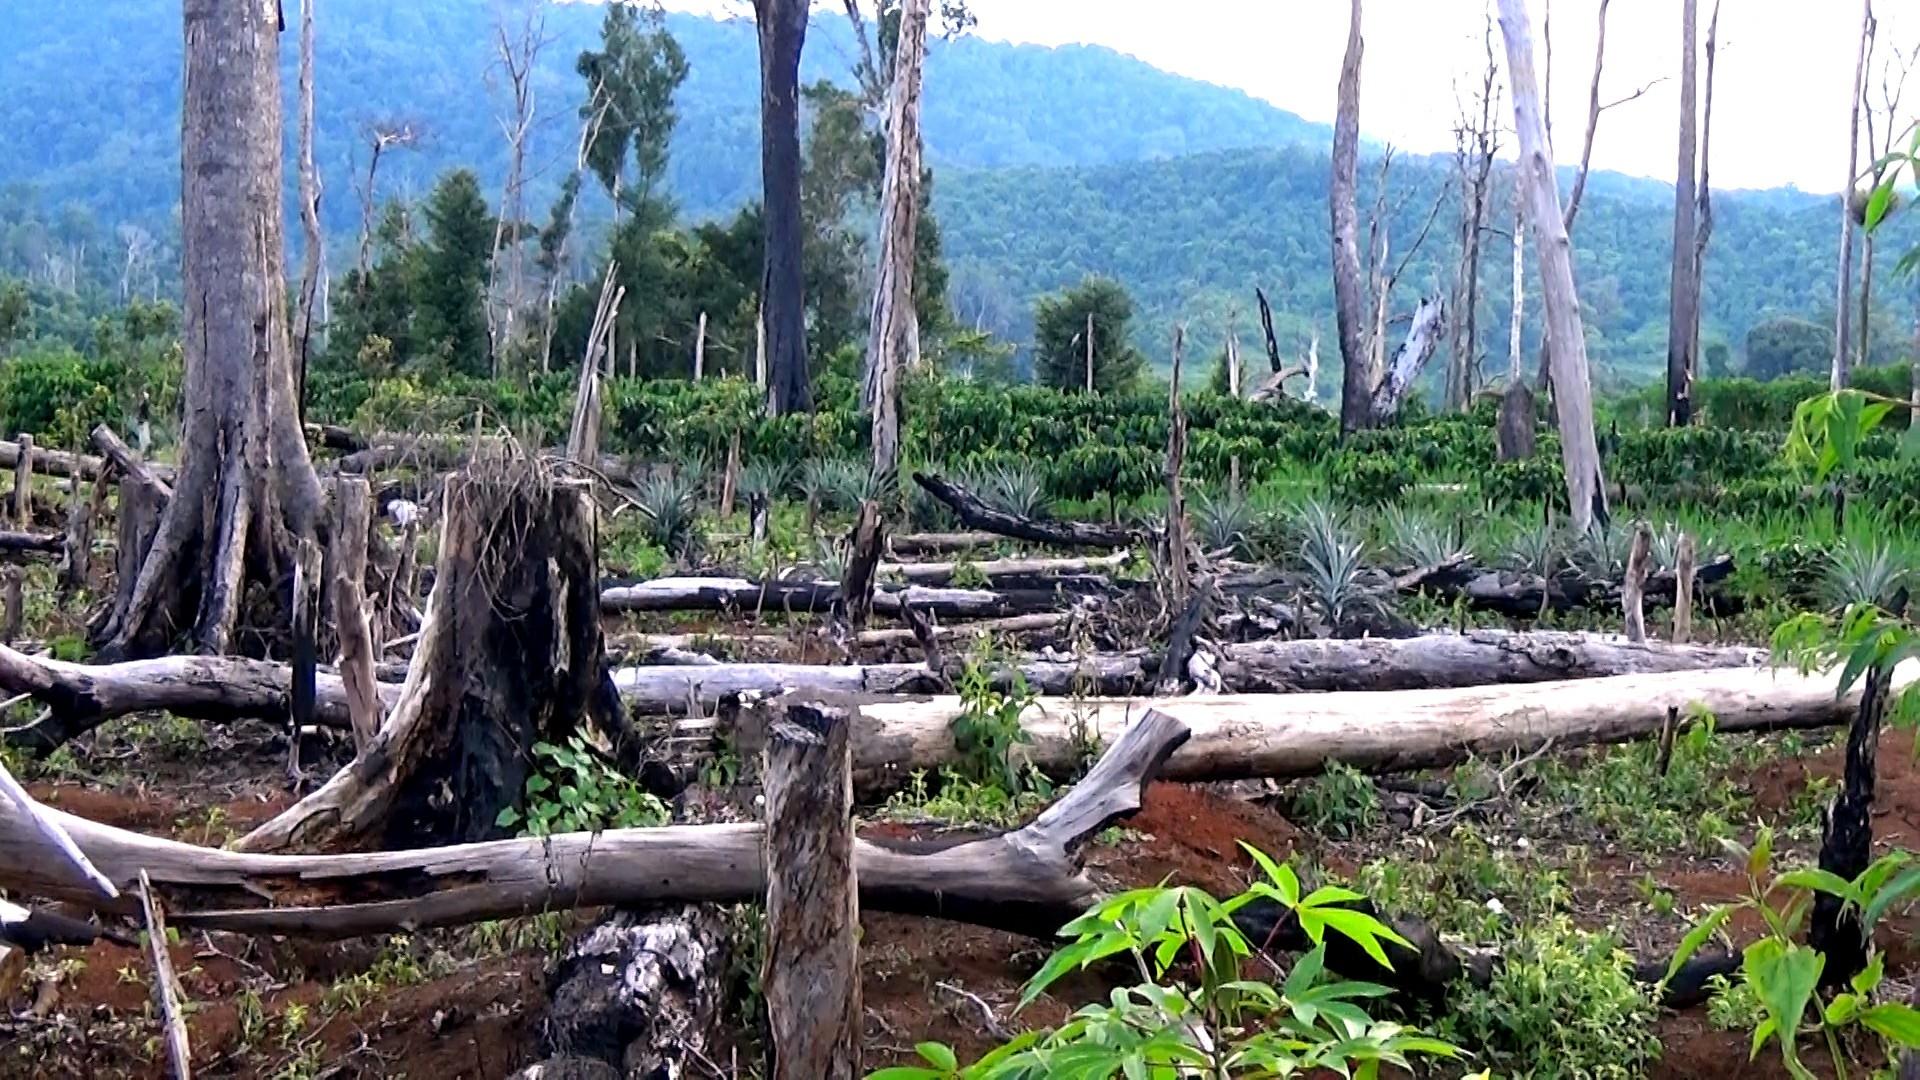 Phục hồi rừng tự nhiên - Đâu là giải pháp? (13/8/2018)